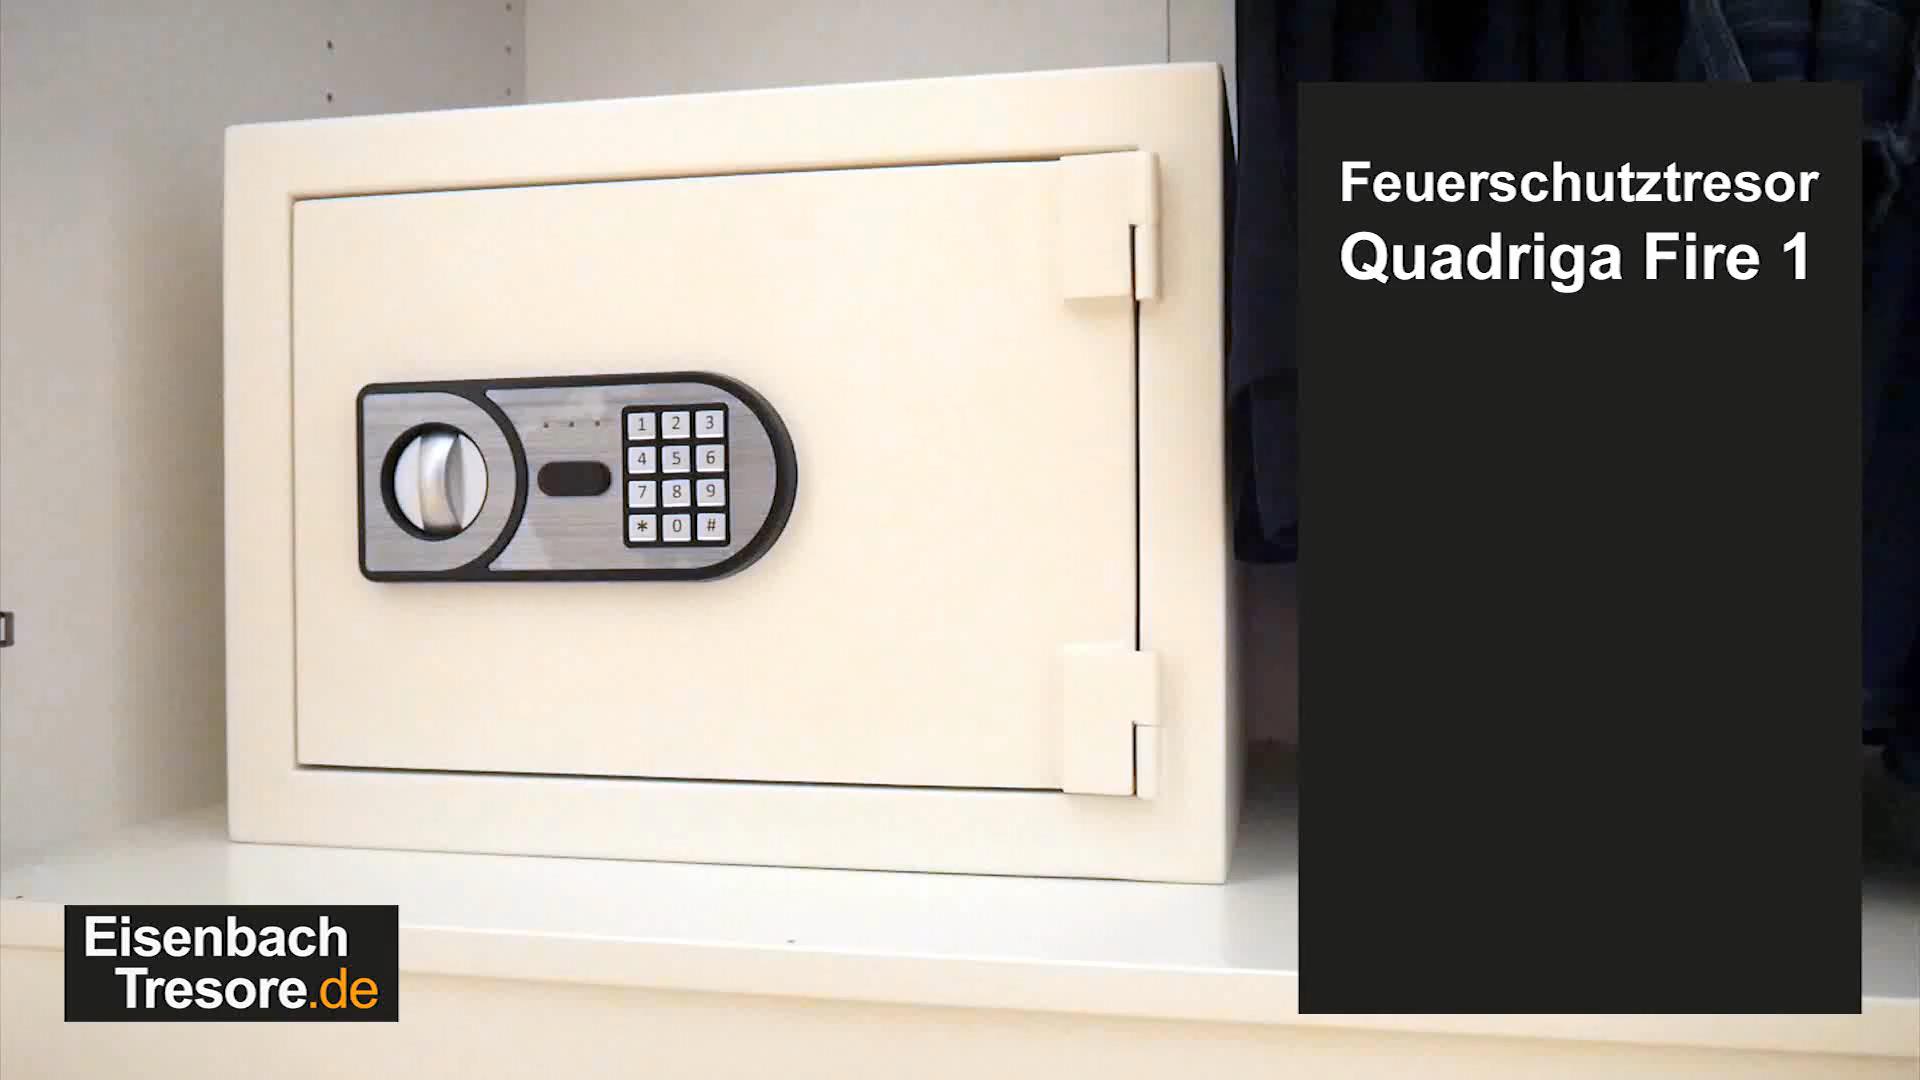 Feuerschutz Tresor Quadriga Fire 1 Video Video In 2020 Tresor Brandschutz Feuer